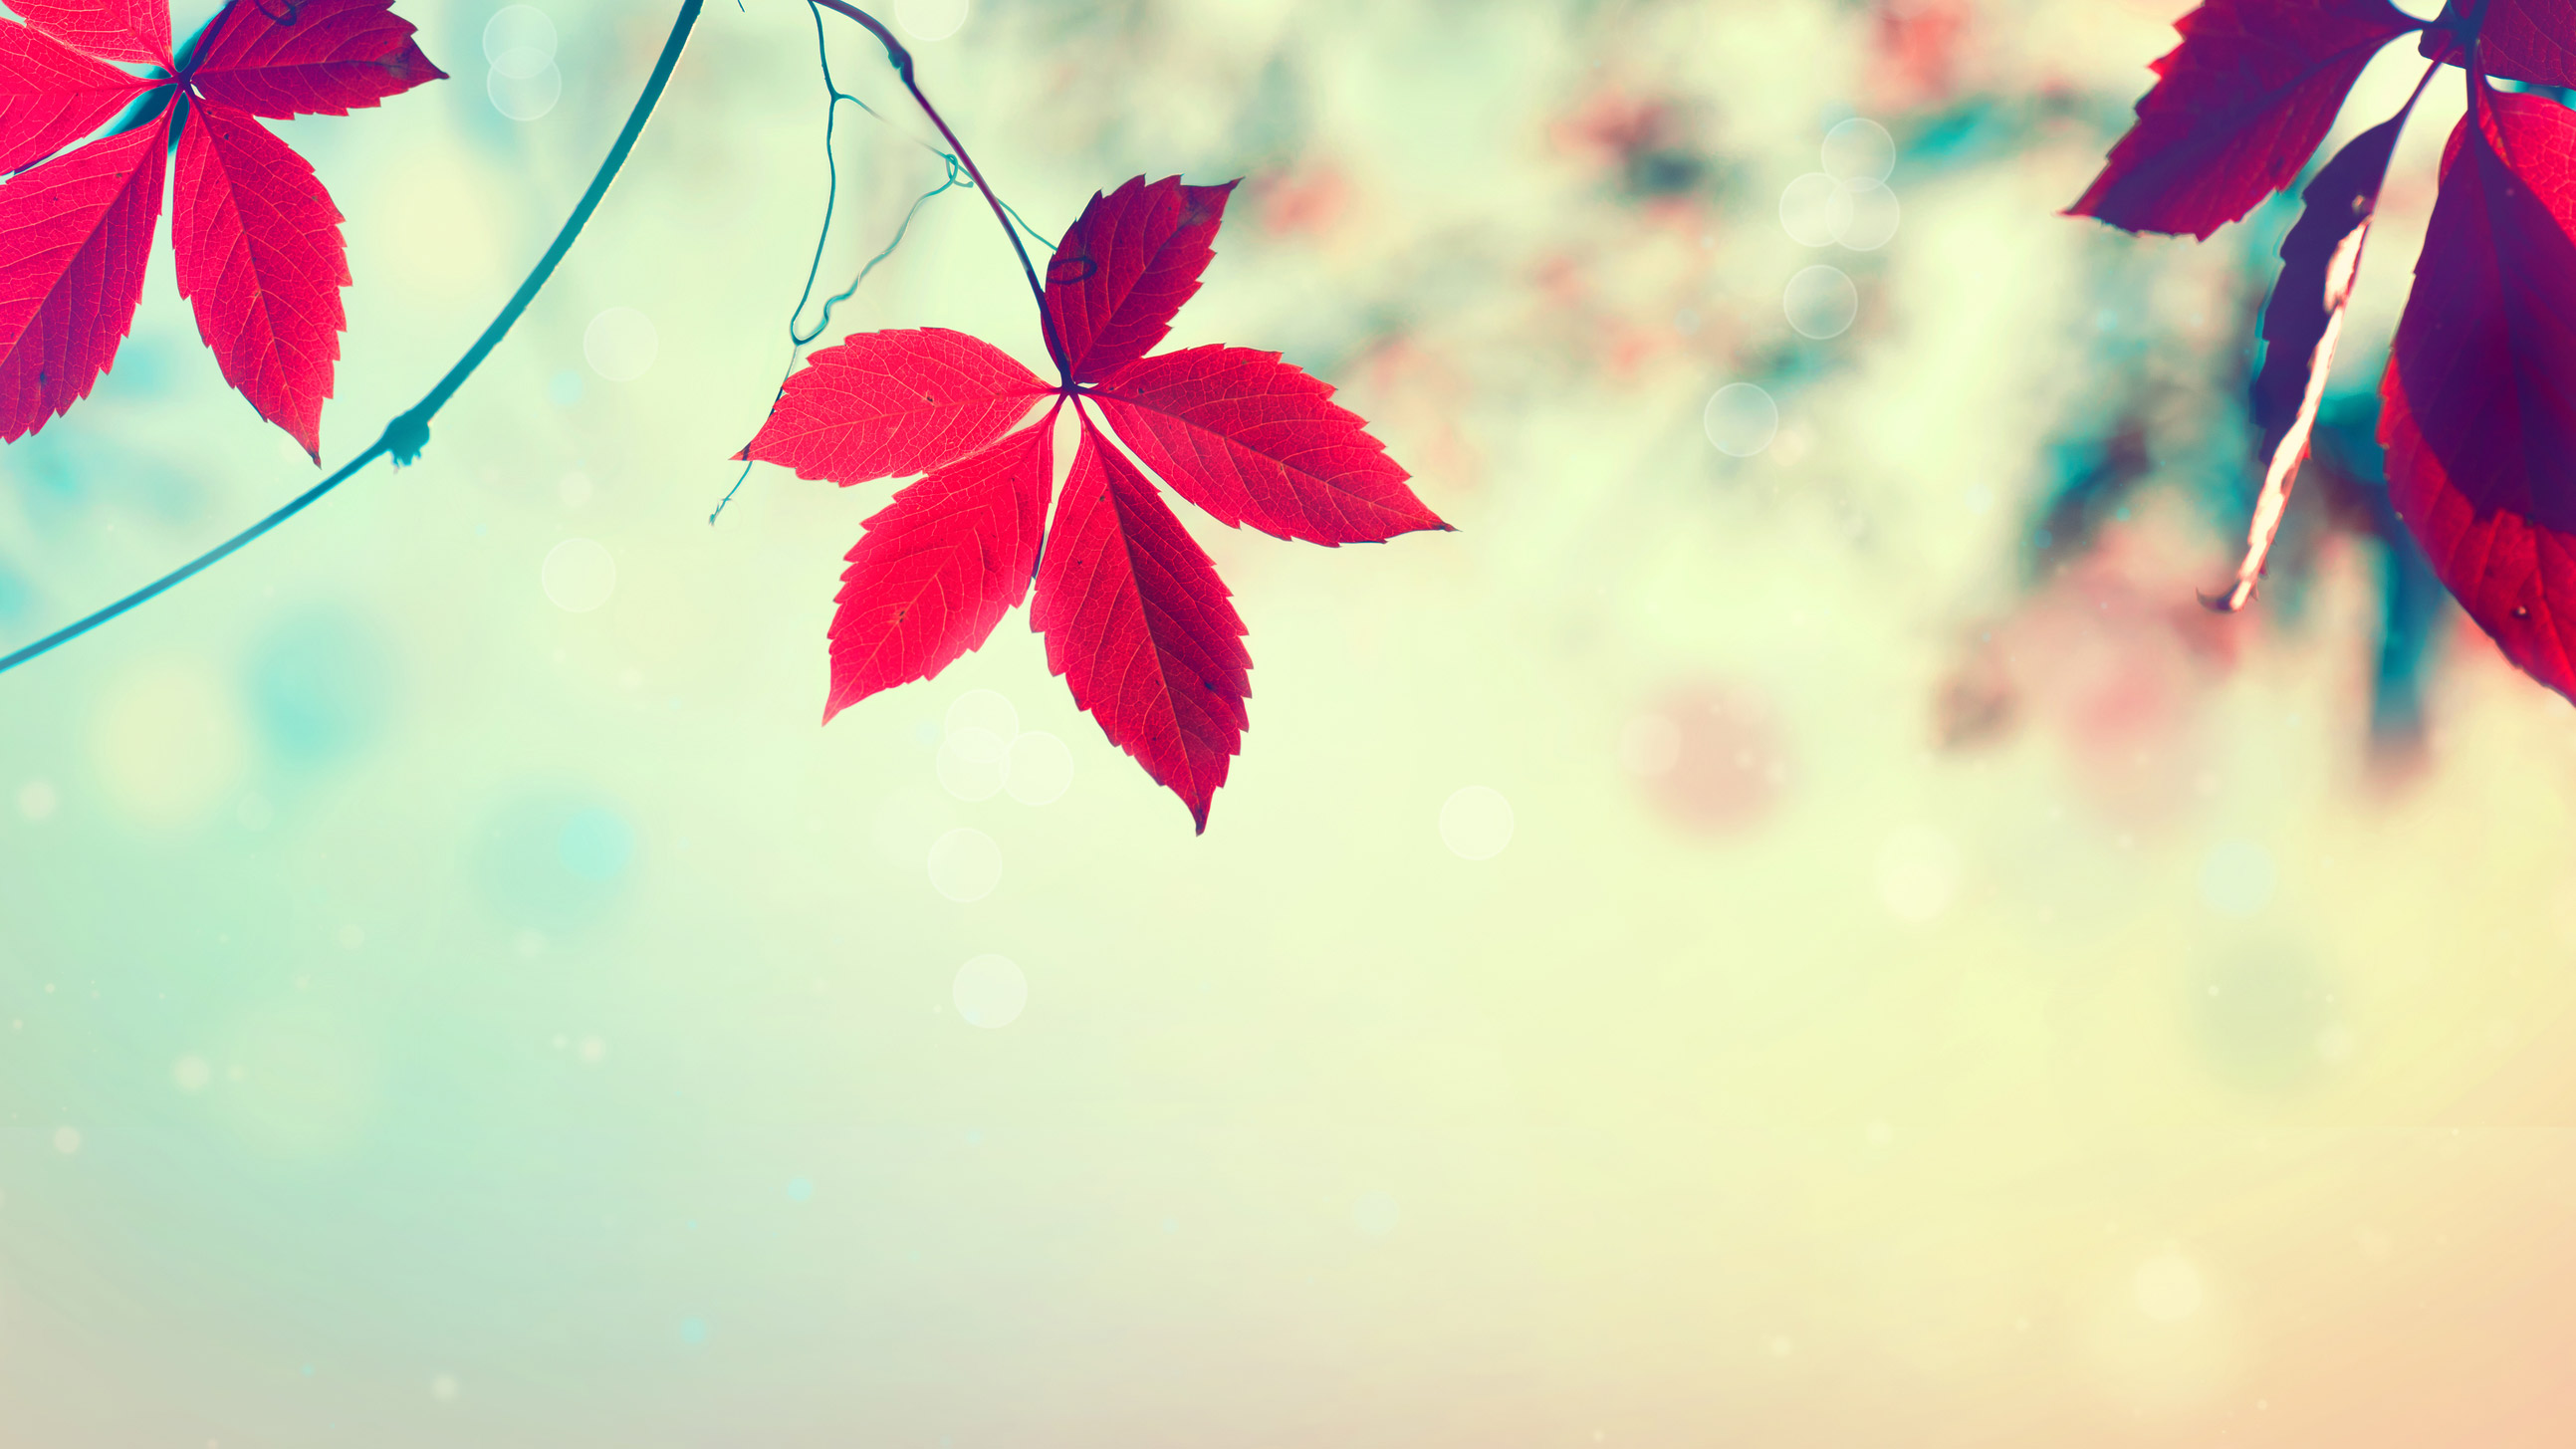 autumn bg تک چهره ها